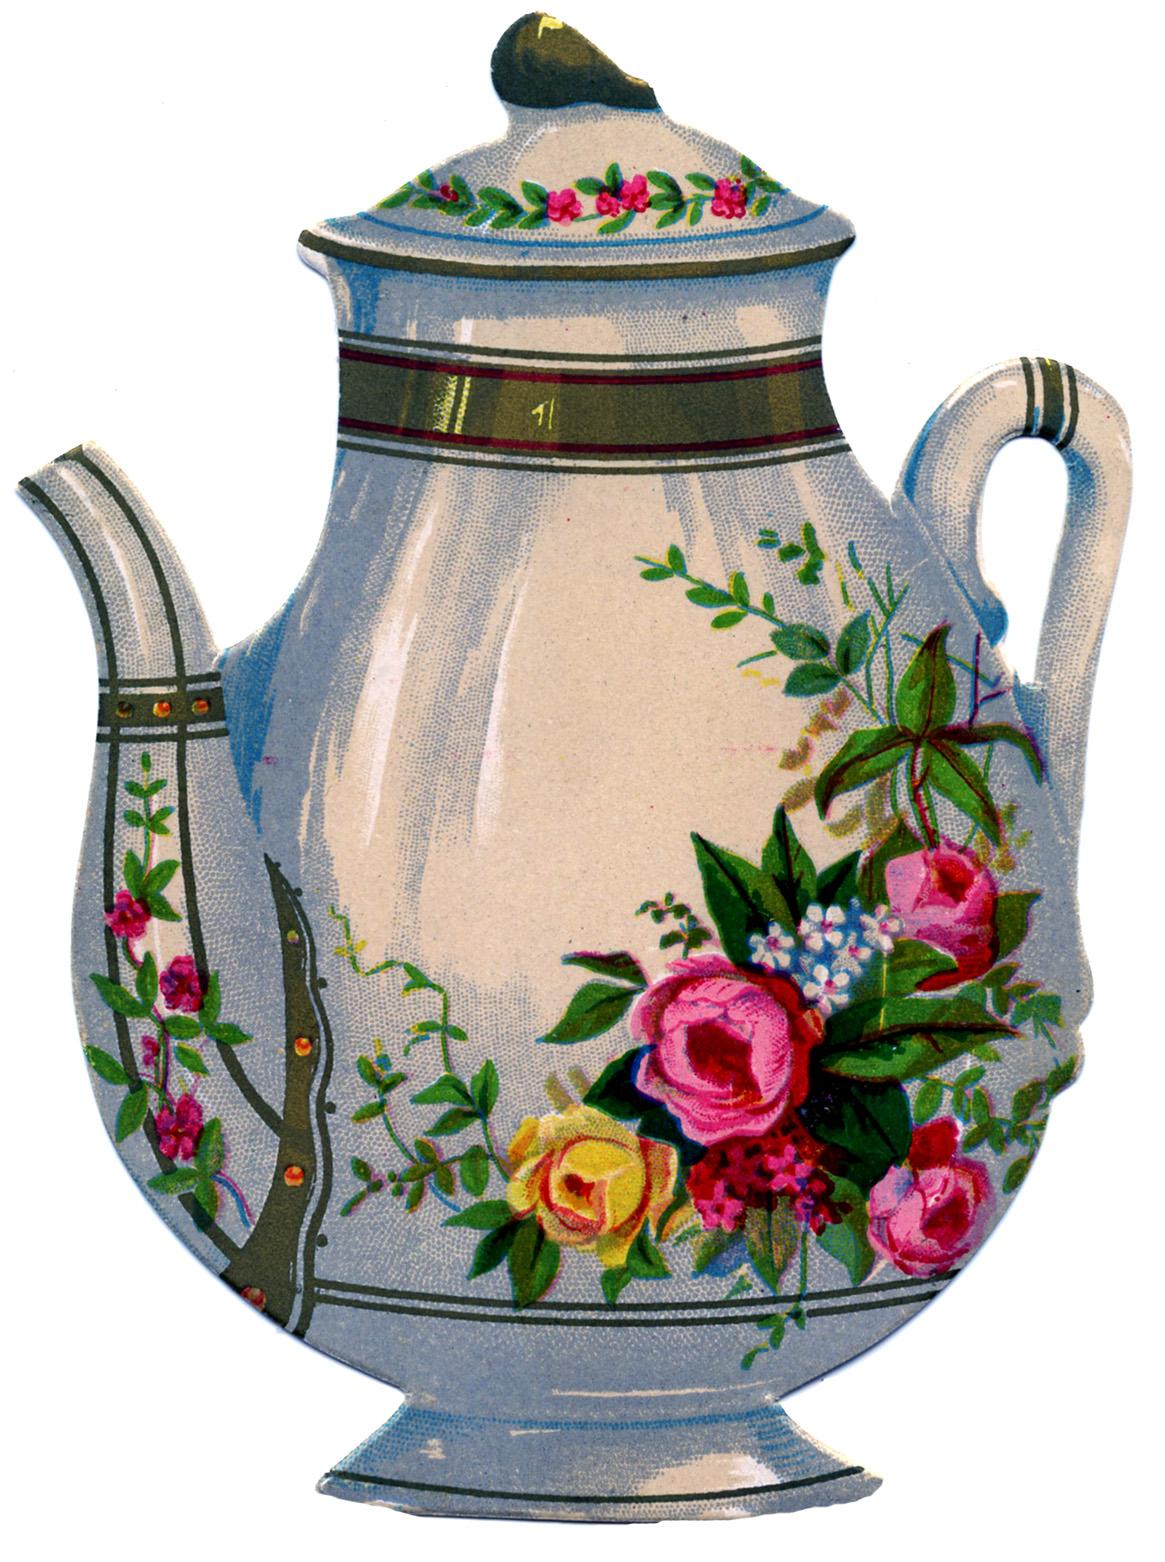 Floral clipart teapot Teapot Floral Victorian The Floral